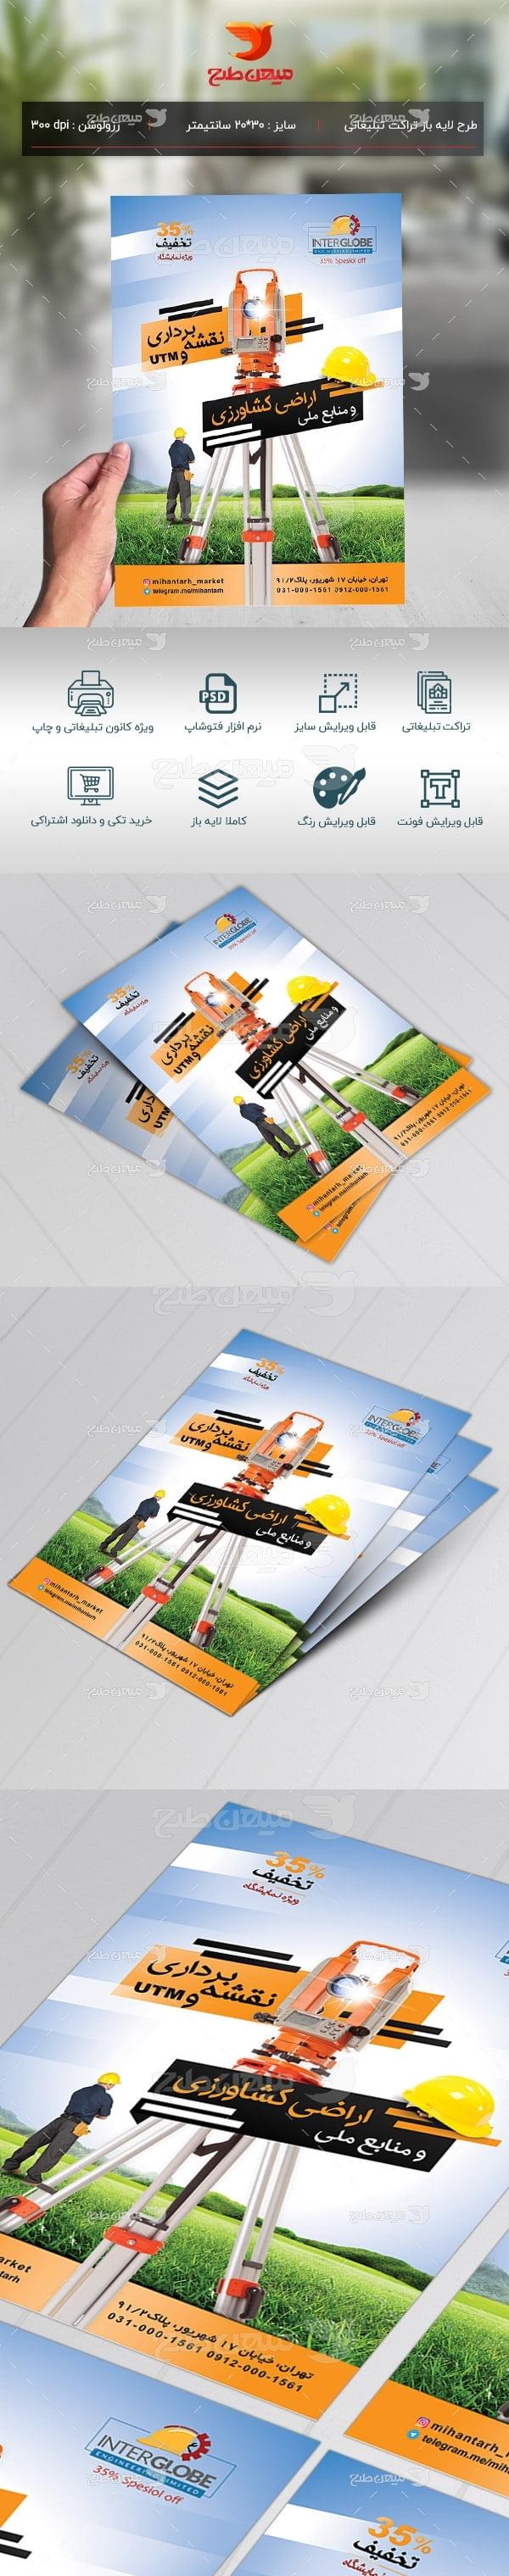 طرح لایه باز پوستر شرکت نقشه برداری